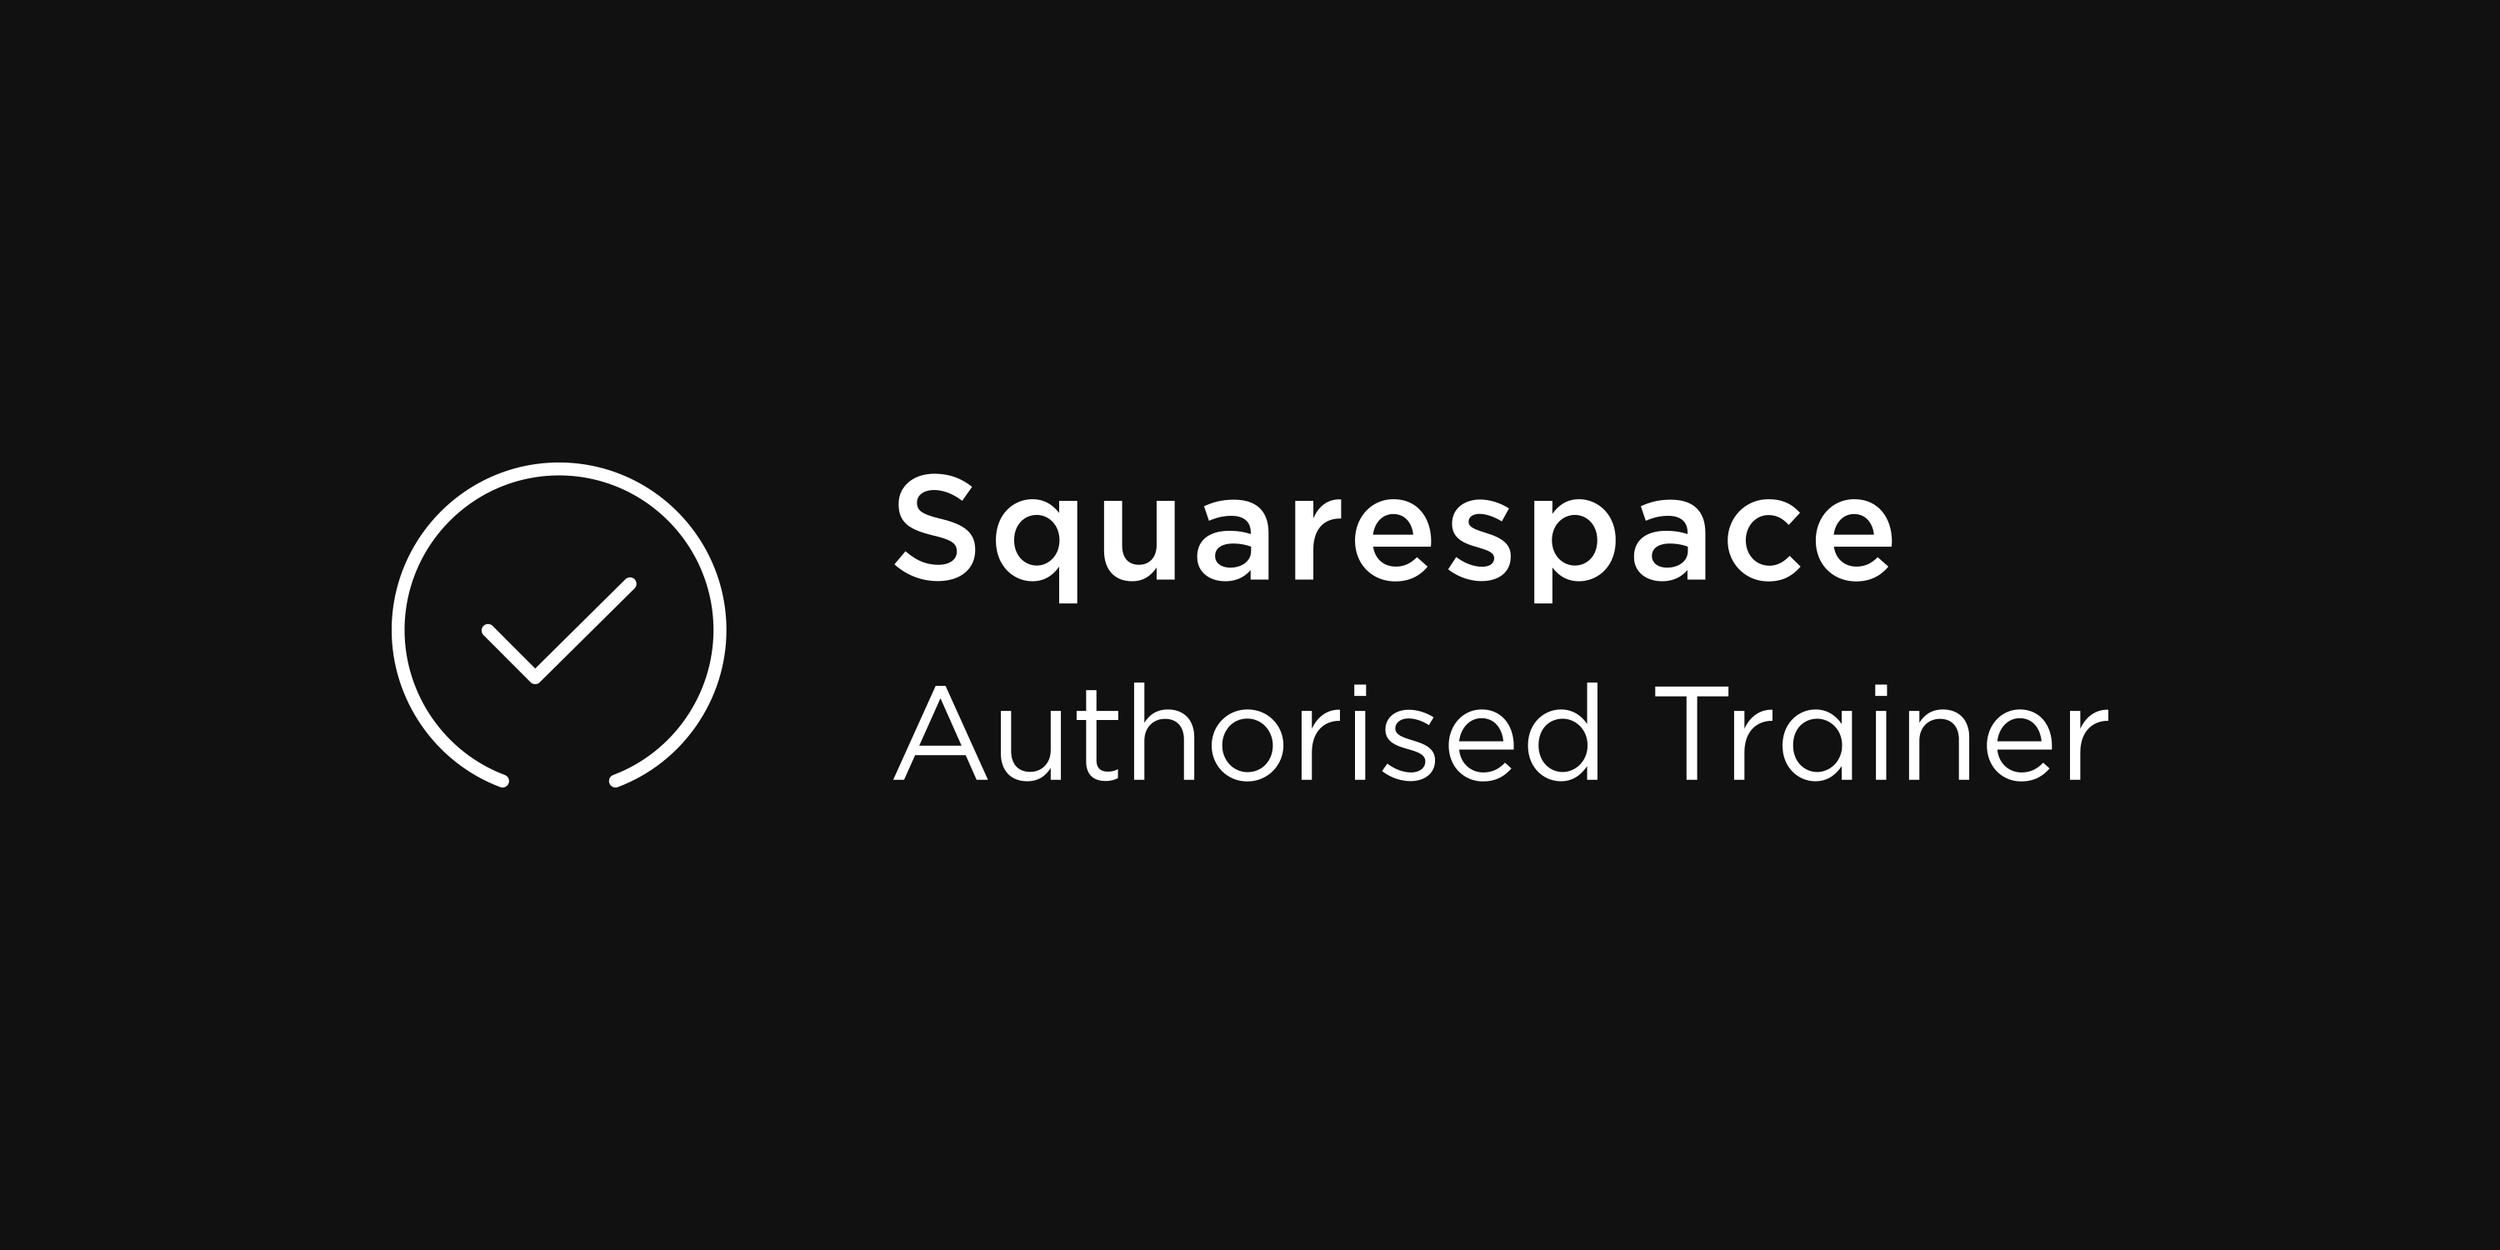 Squarespace Nottingham, Jack Neville Squarespace Trainer